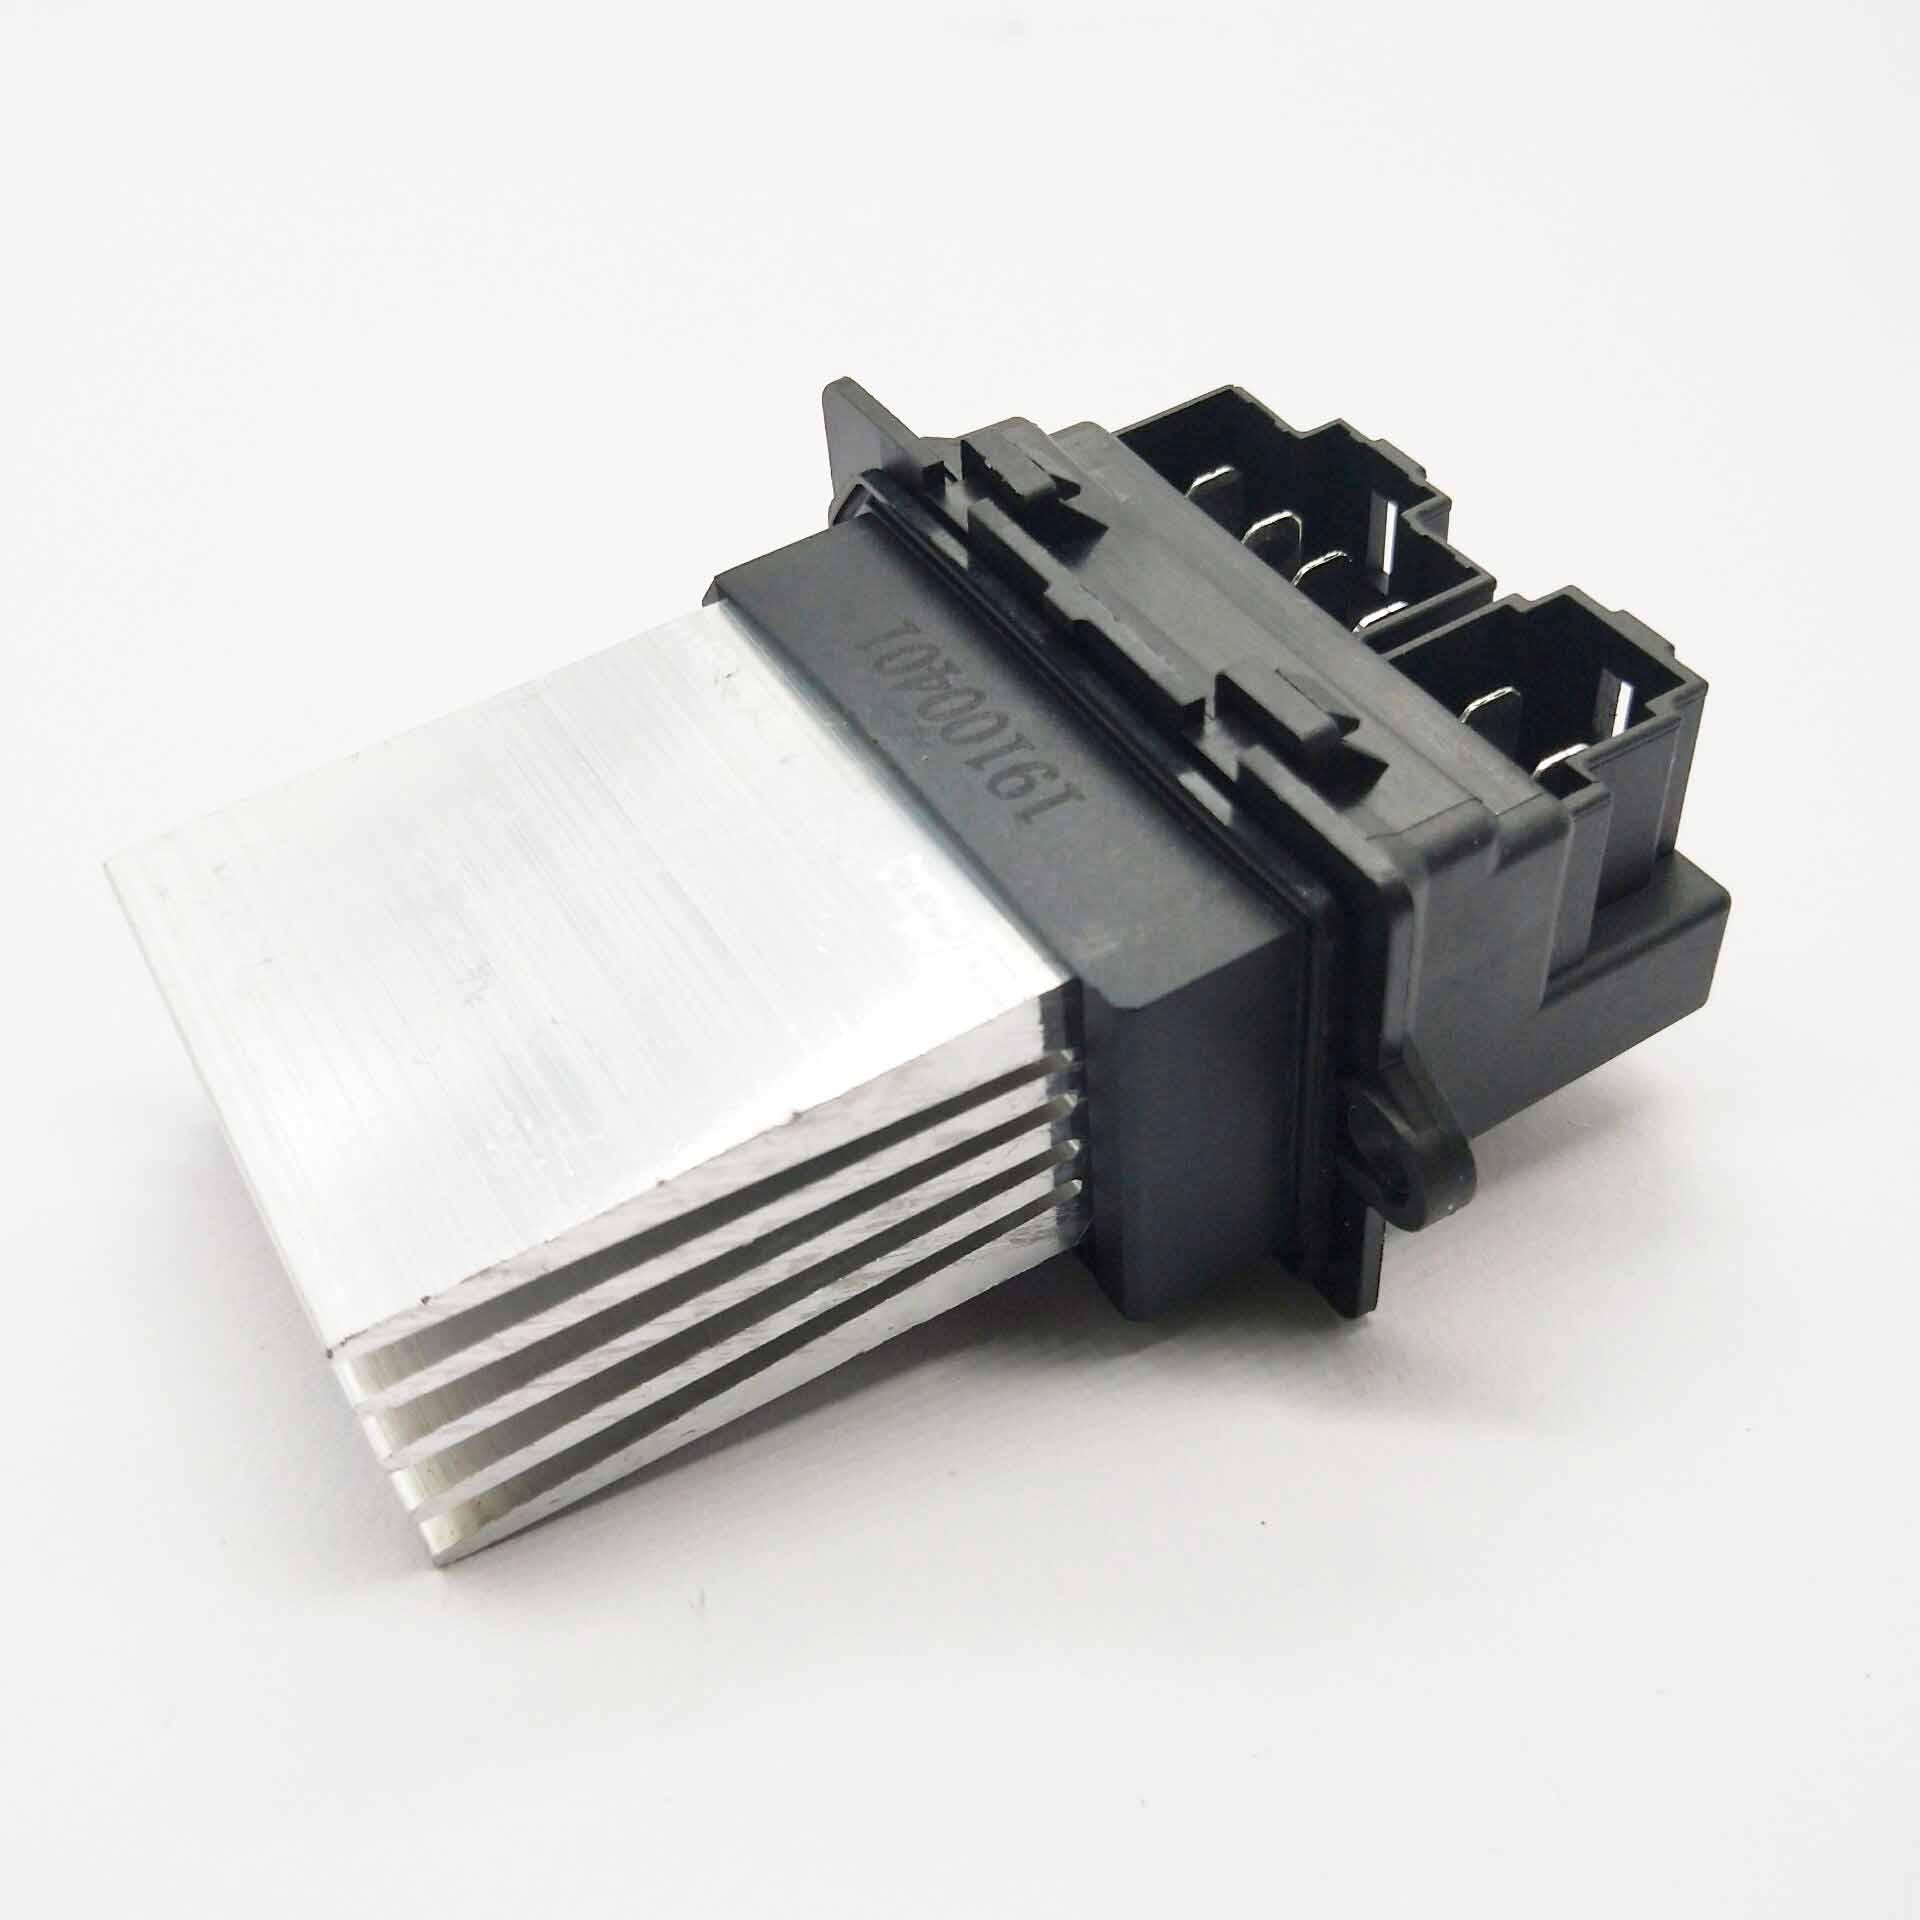 Novo 04885482ac alta qualidade para chrysler voyager aquecedor resistor 04885482aa 04885482ad